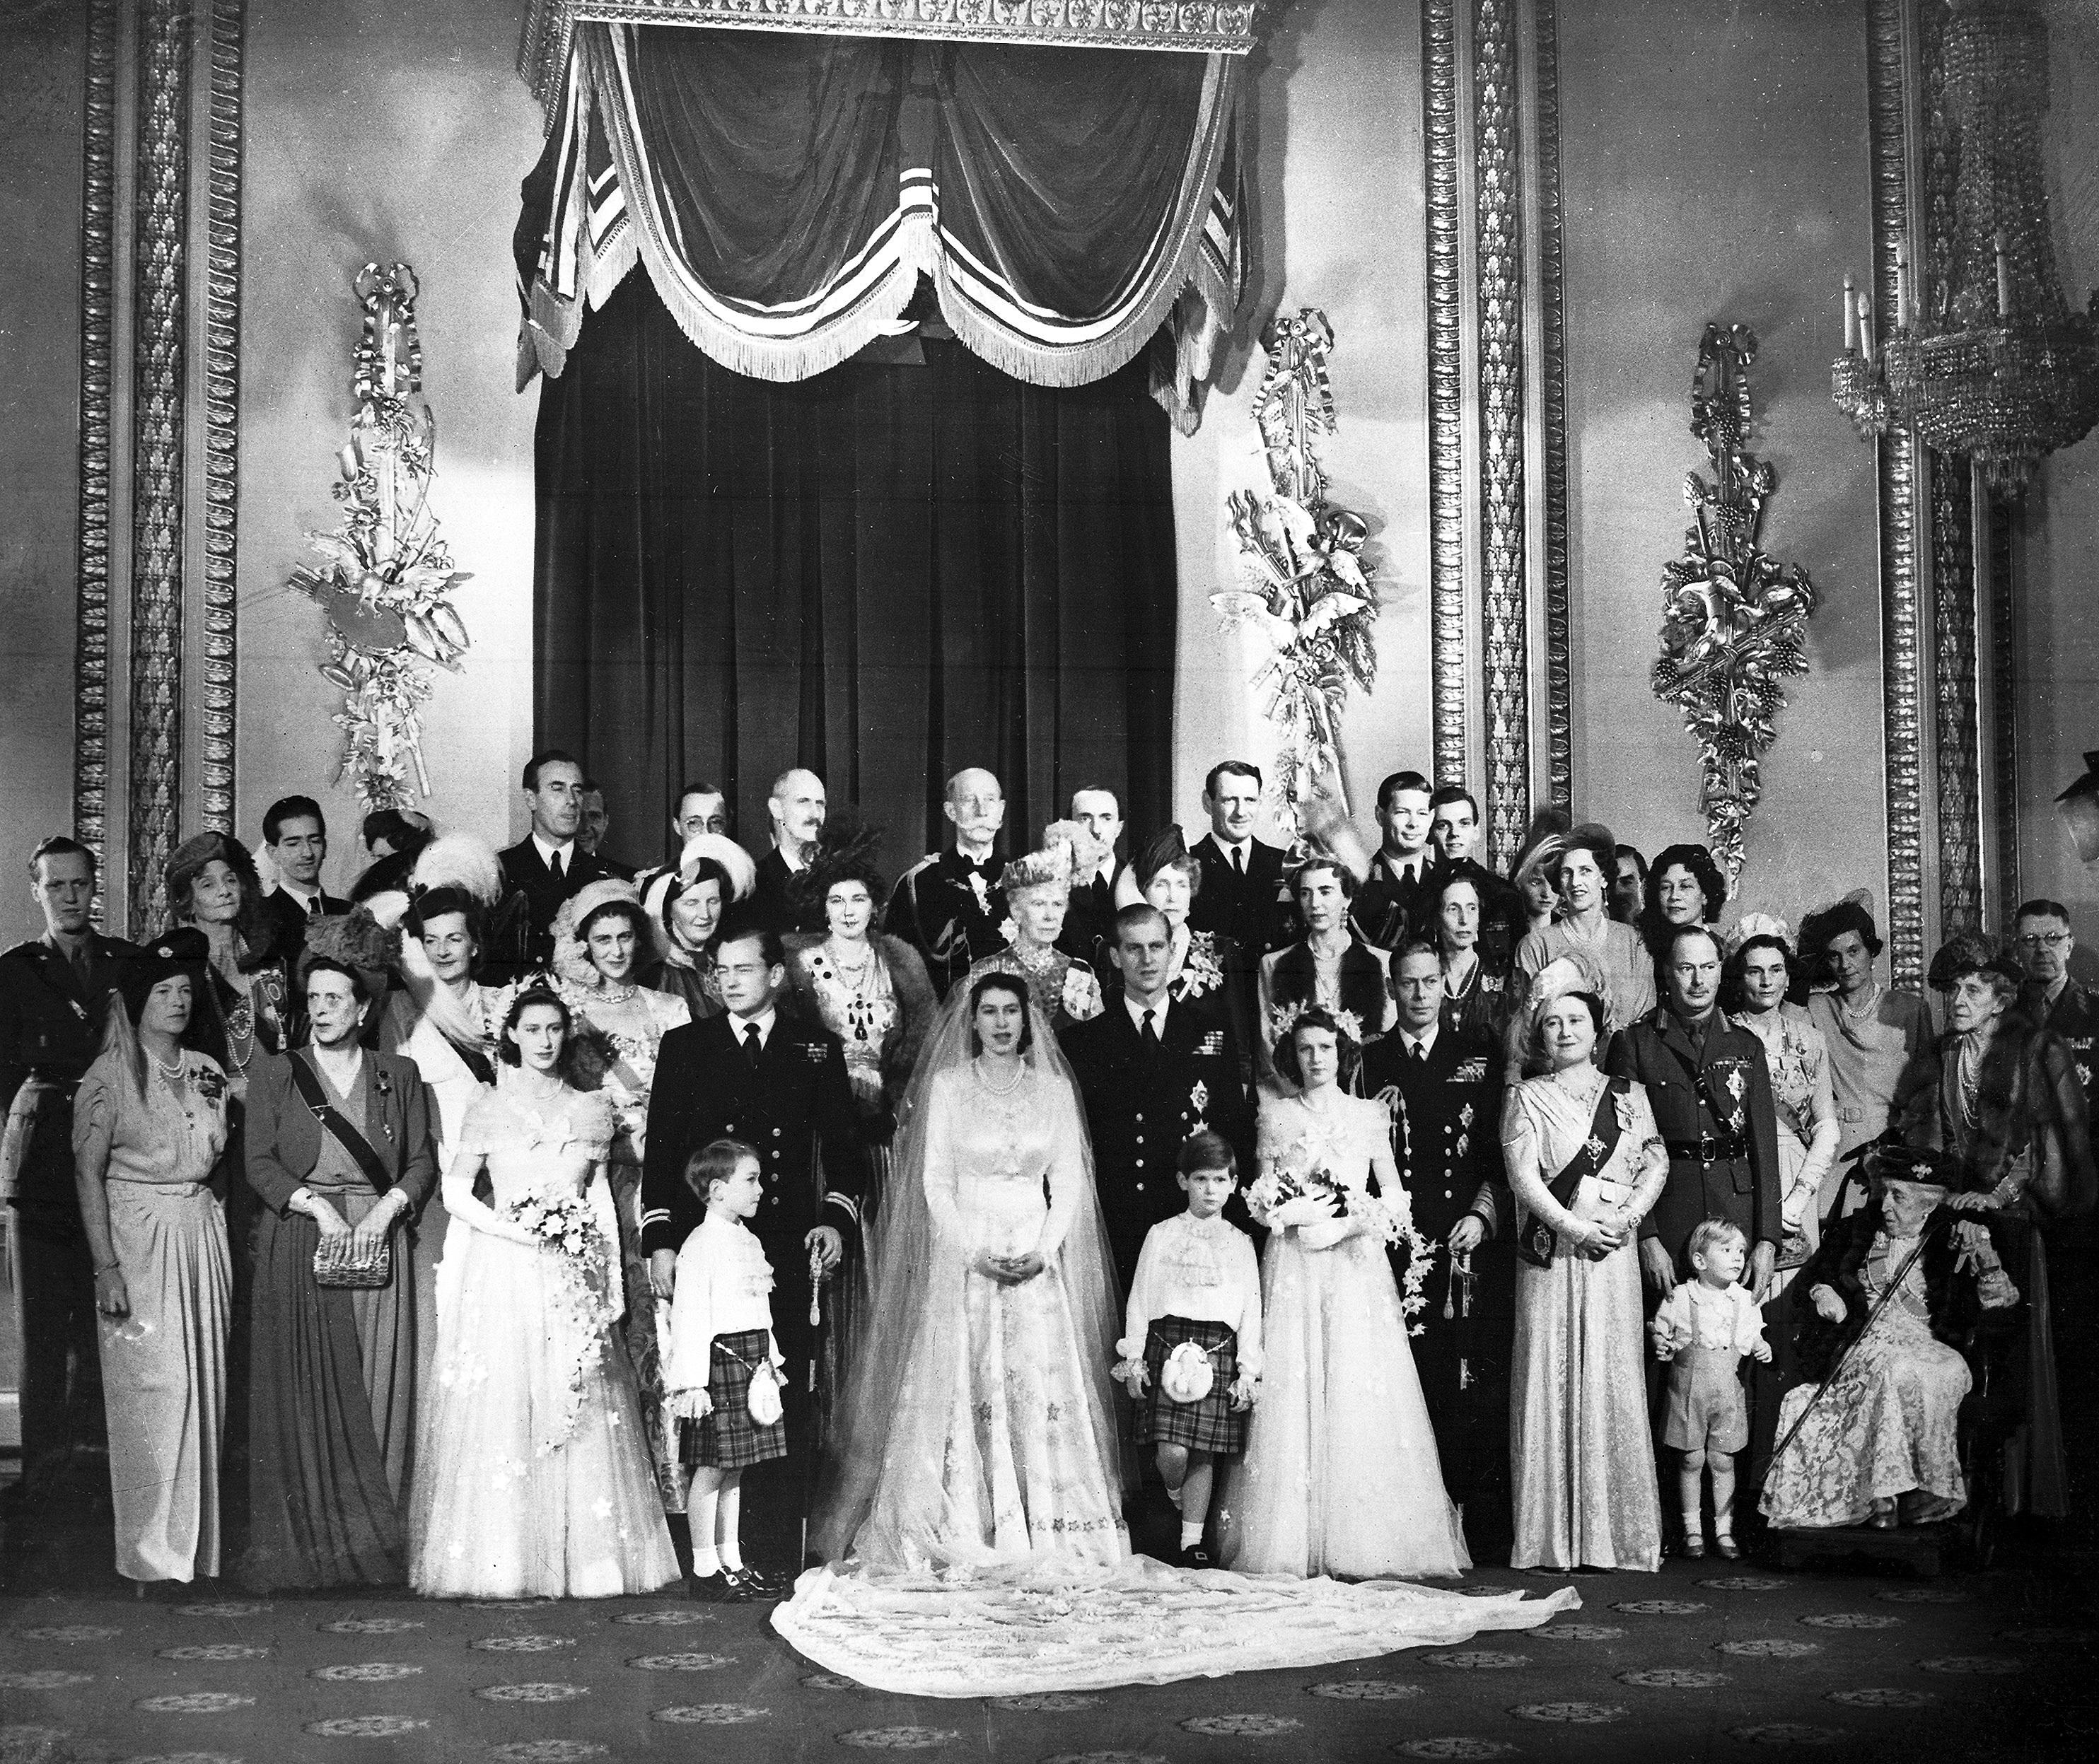 Elizabeth y Philip se casaron el 20 de noviembre de 1947 en la Abadía de Westminster en 1947 cuando ella tenía 21 años y él 26. (AP)